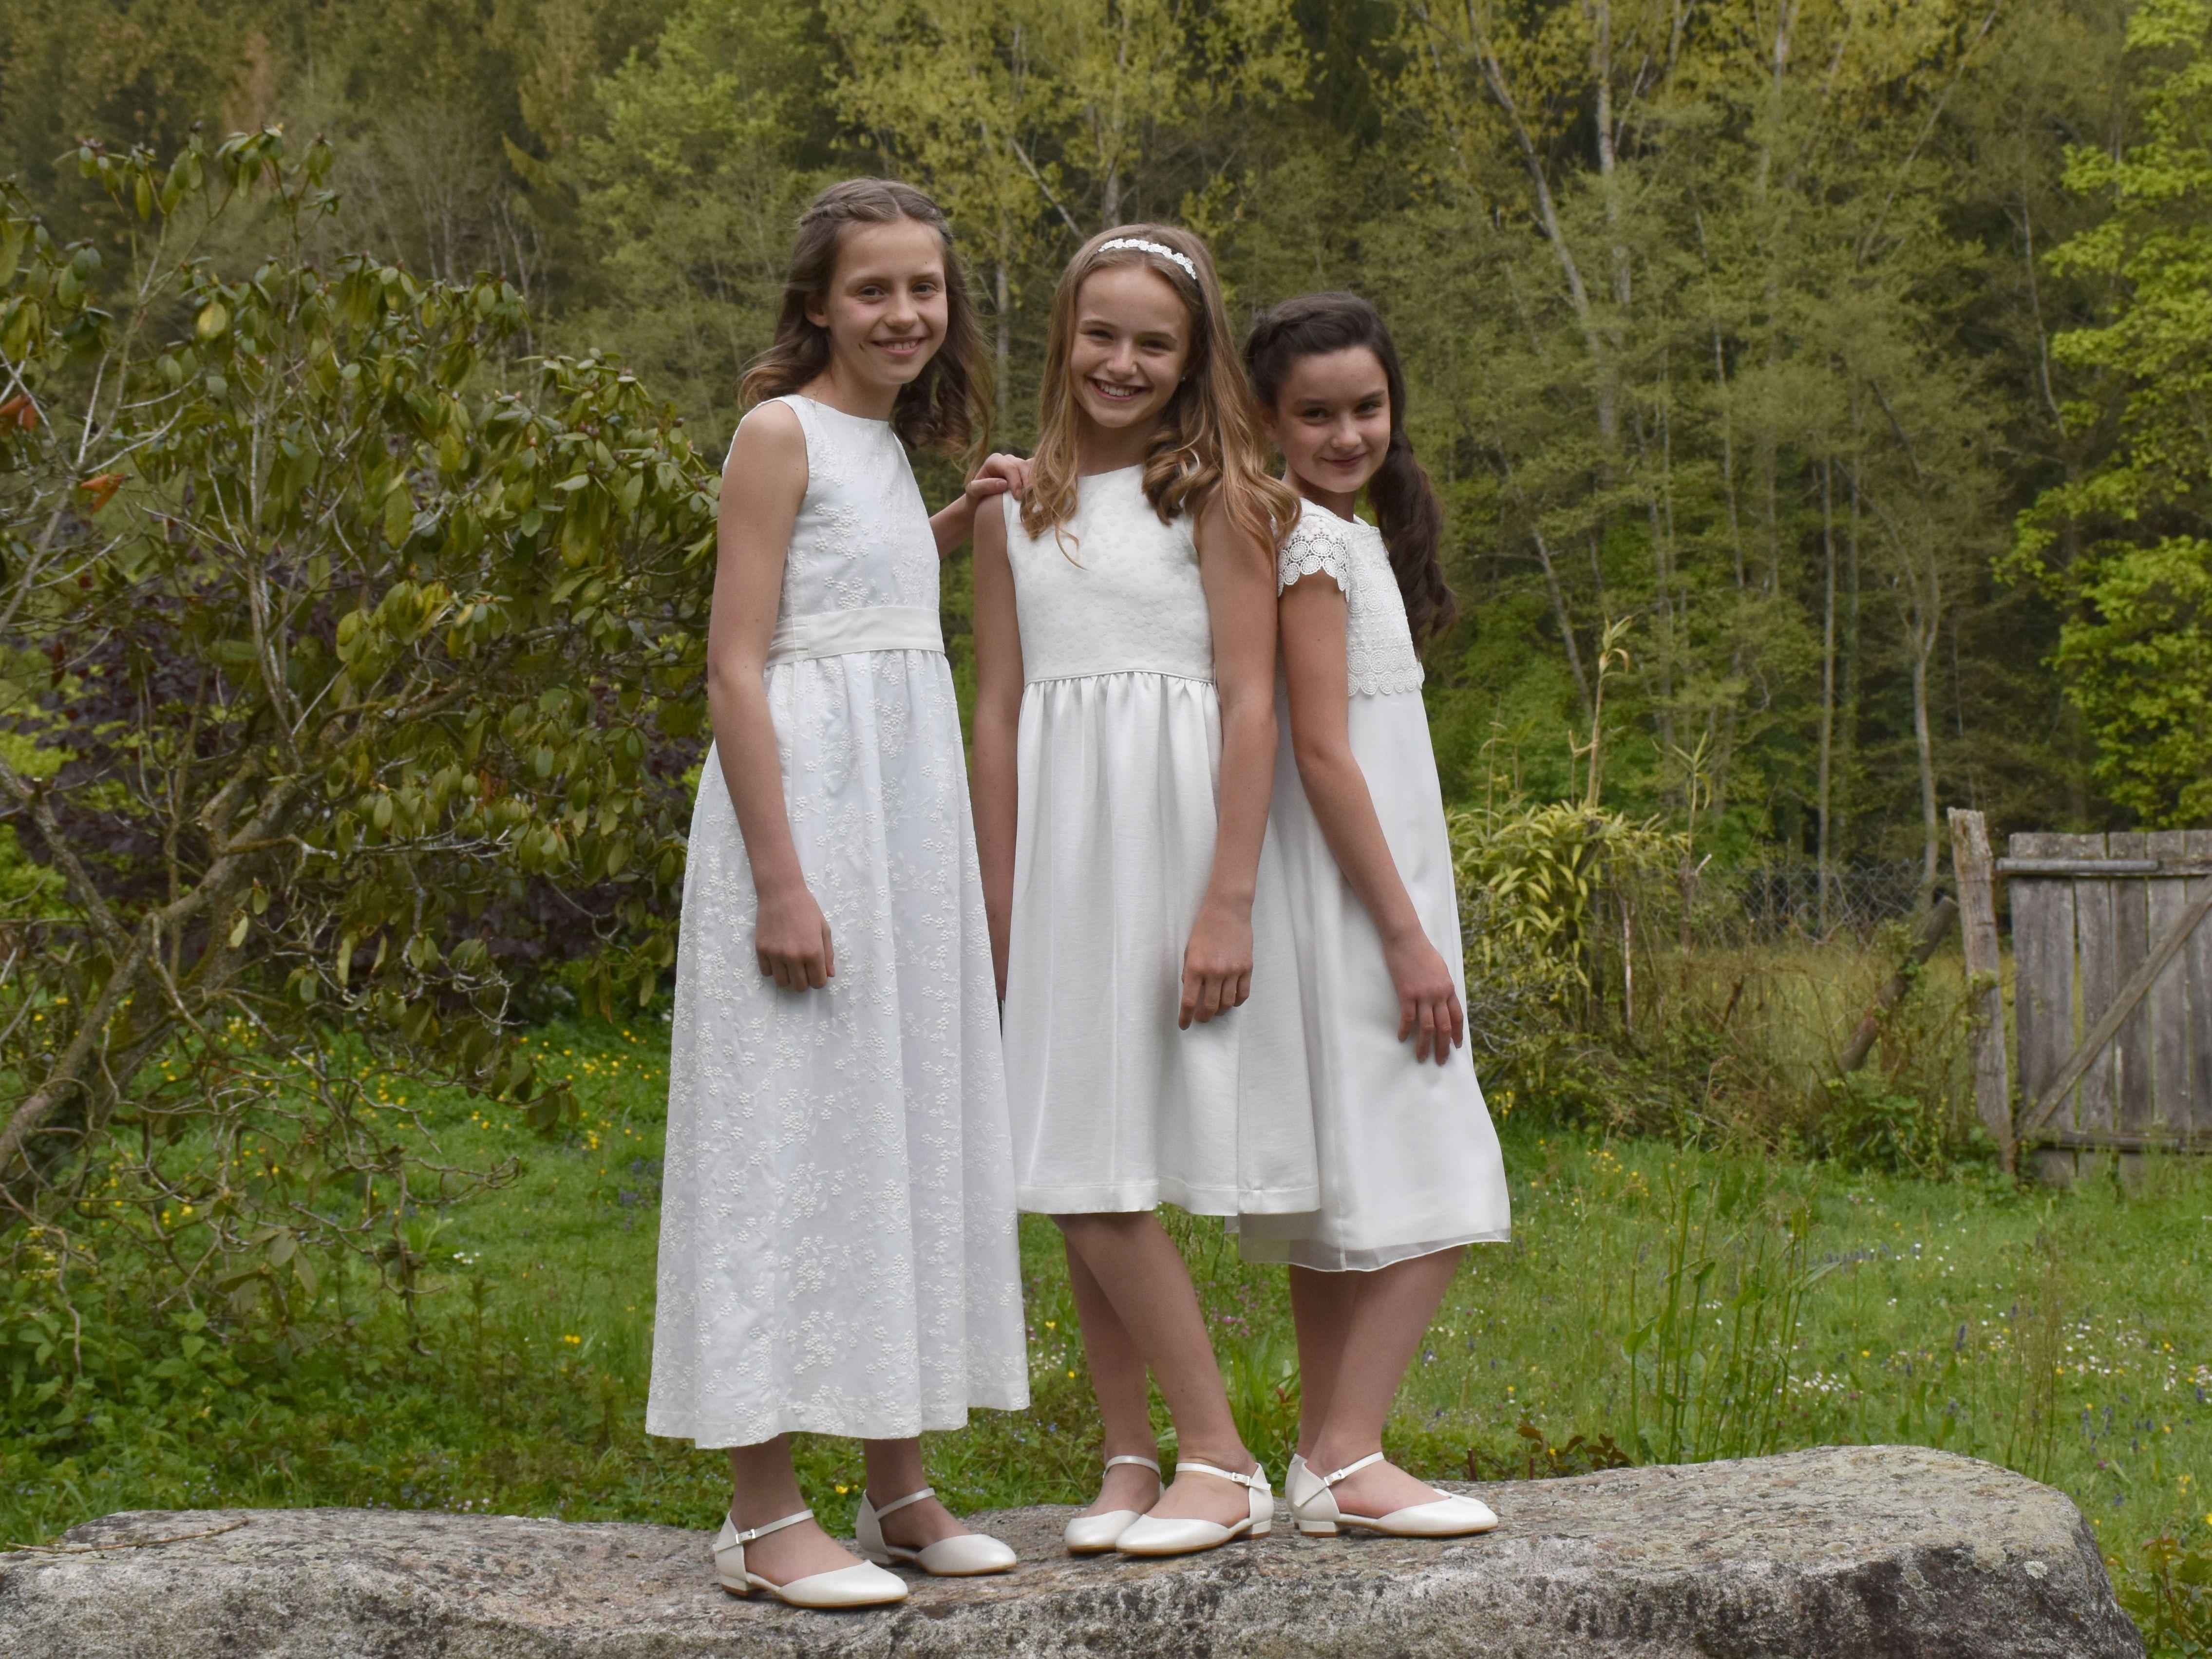 Für mütter zur kommunion kleider [45+] Kleid